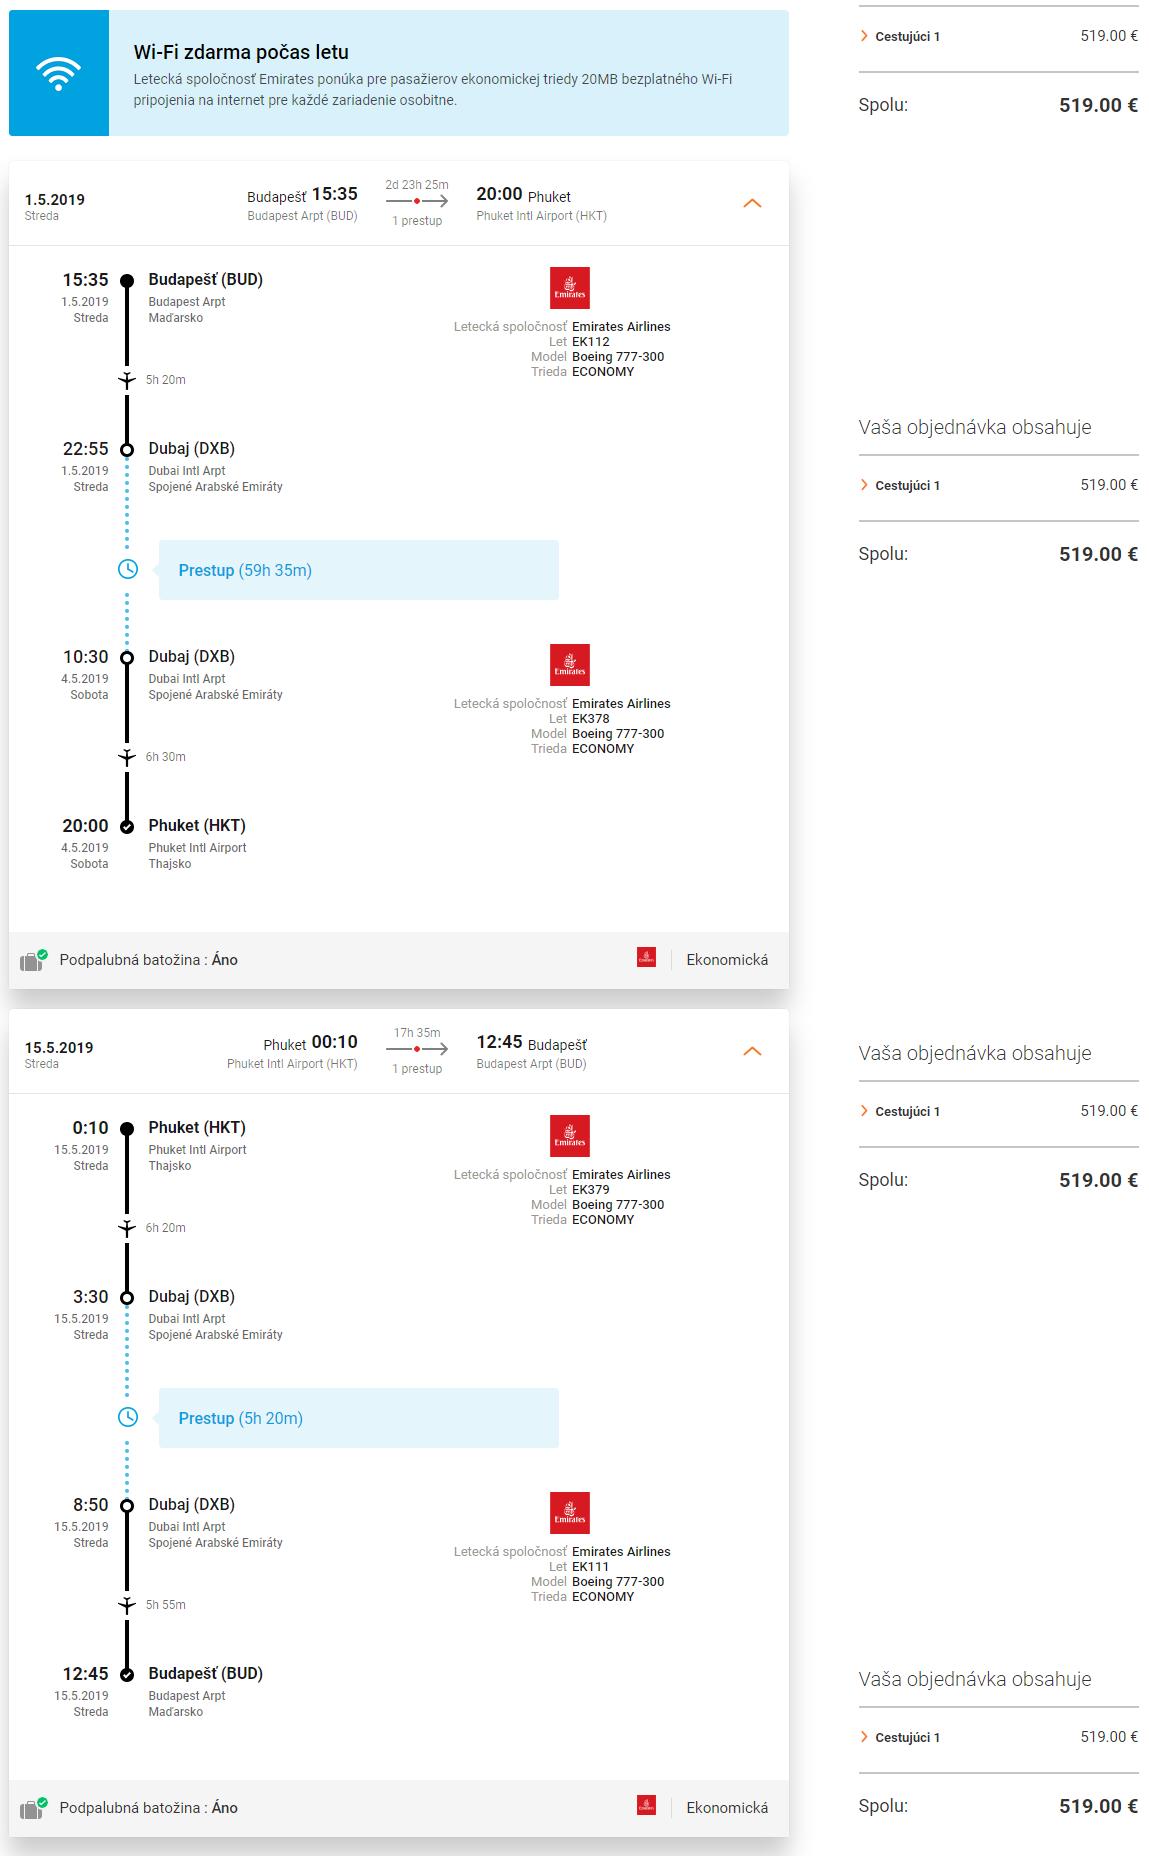 Phuket a k tomu 2 dni v Dubaji s letenkami od 519 eur